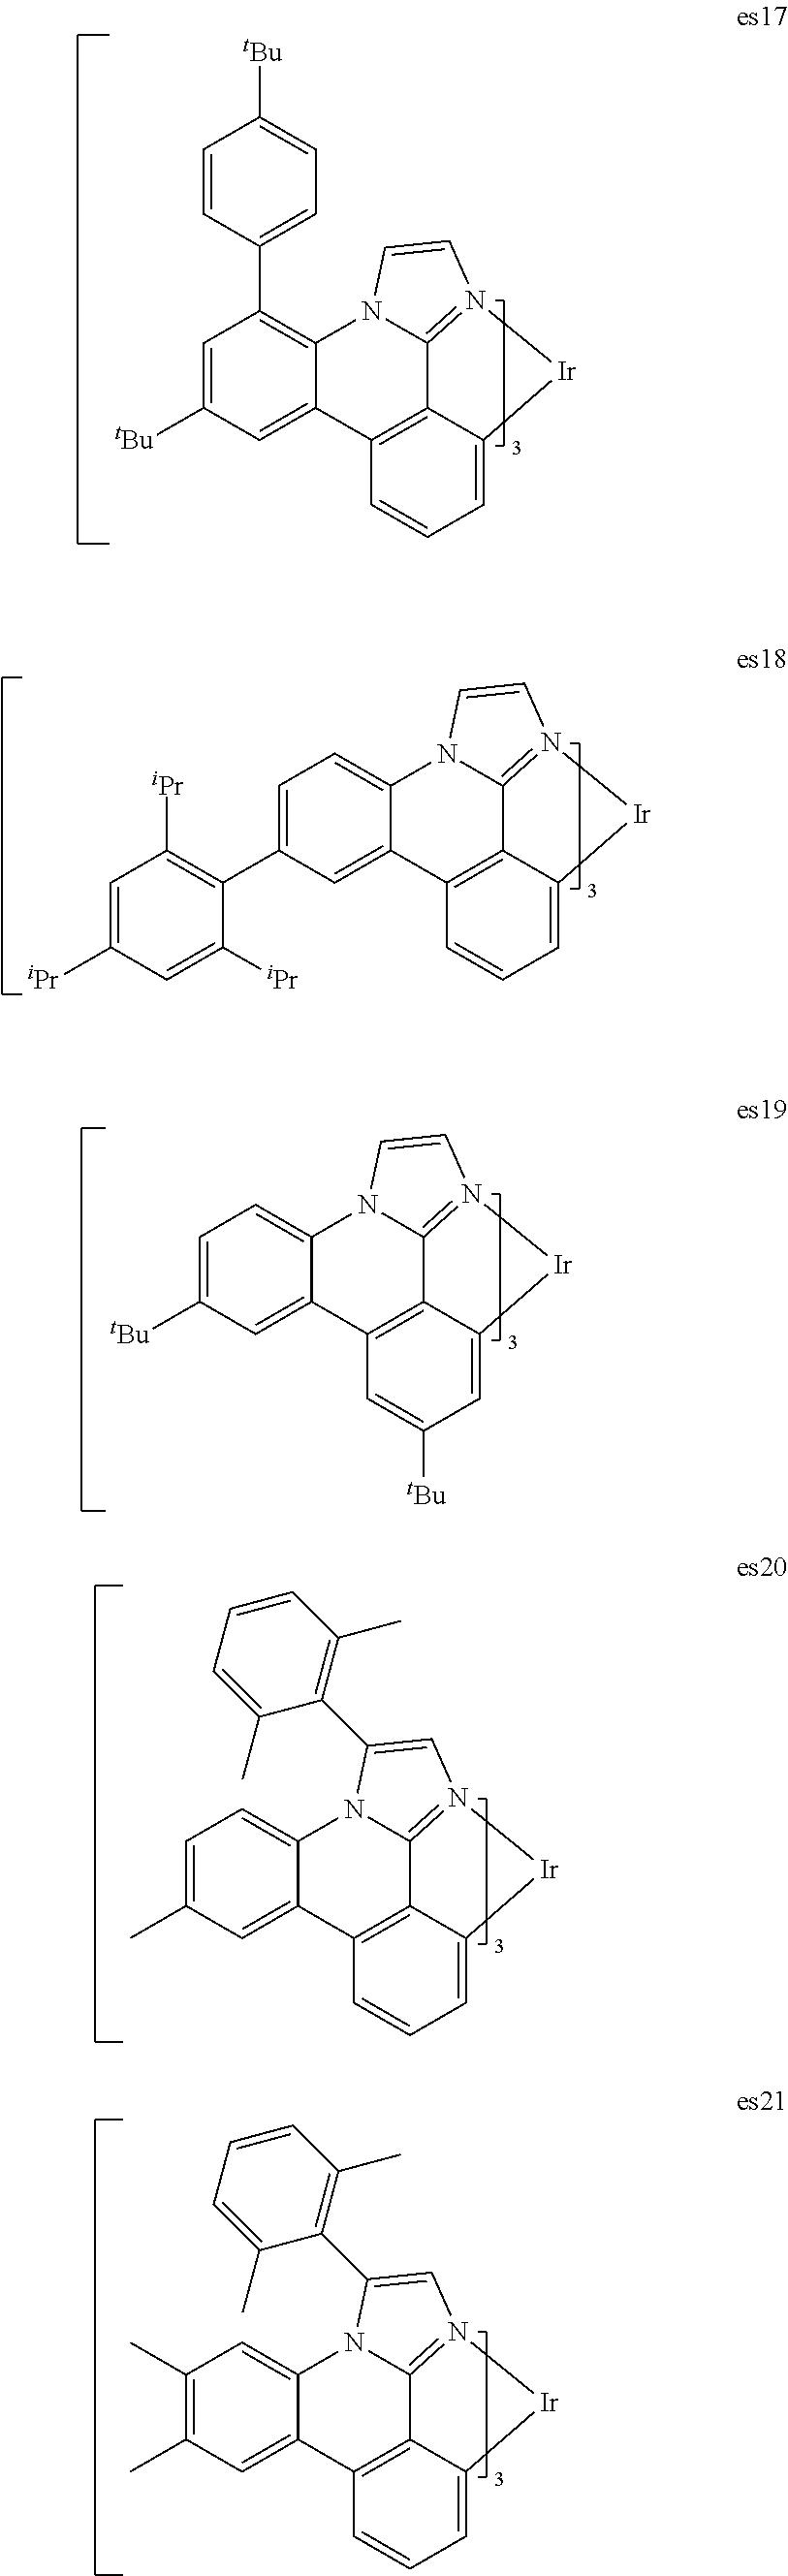 Figure US20110073849A1-20110331-C00013